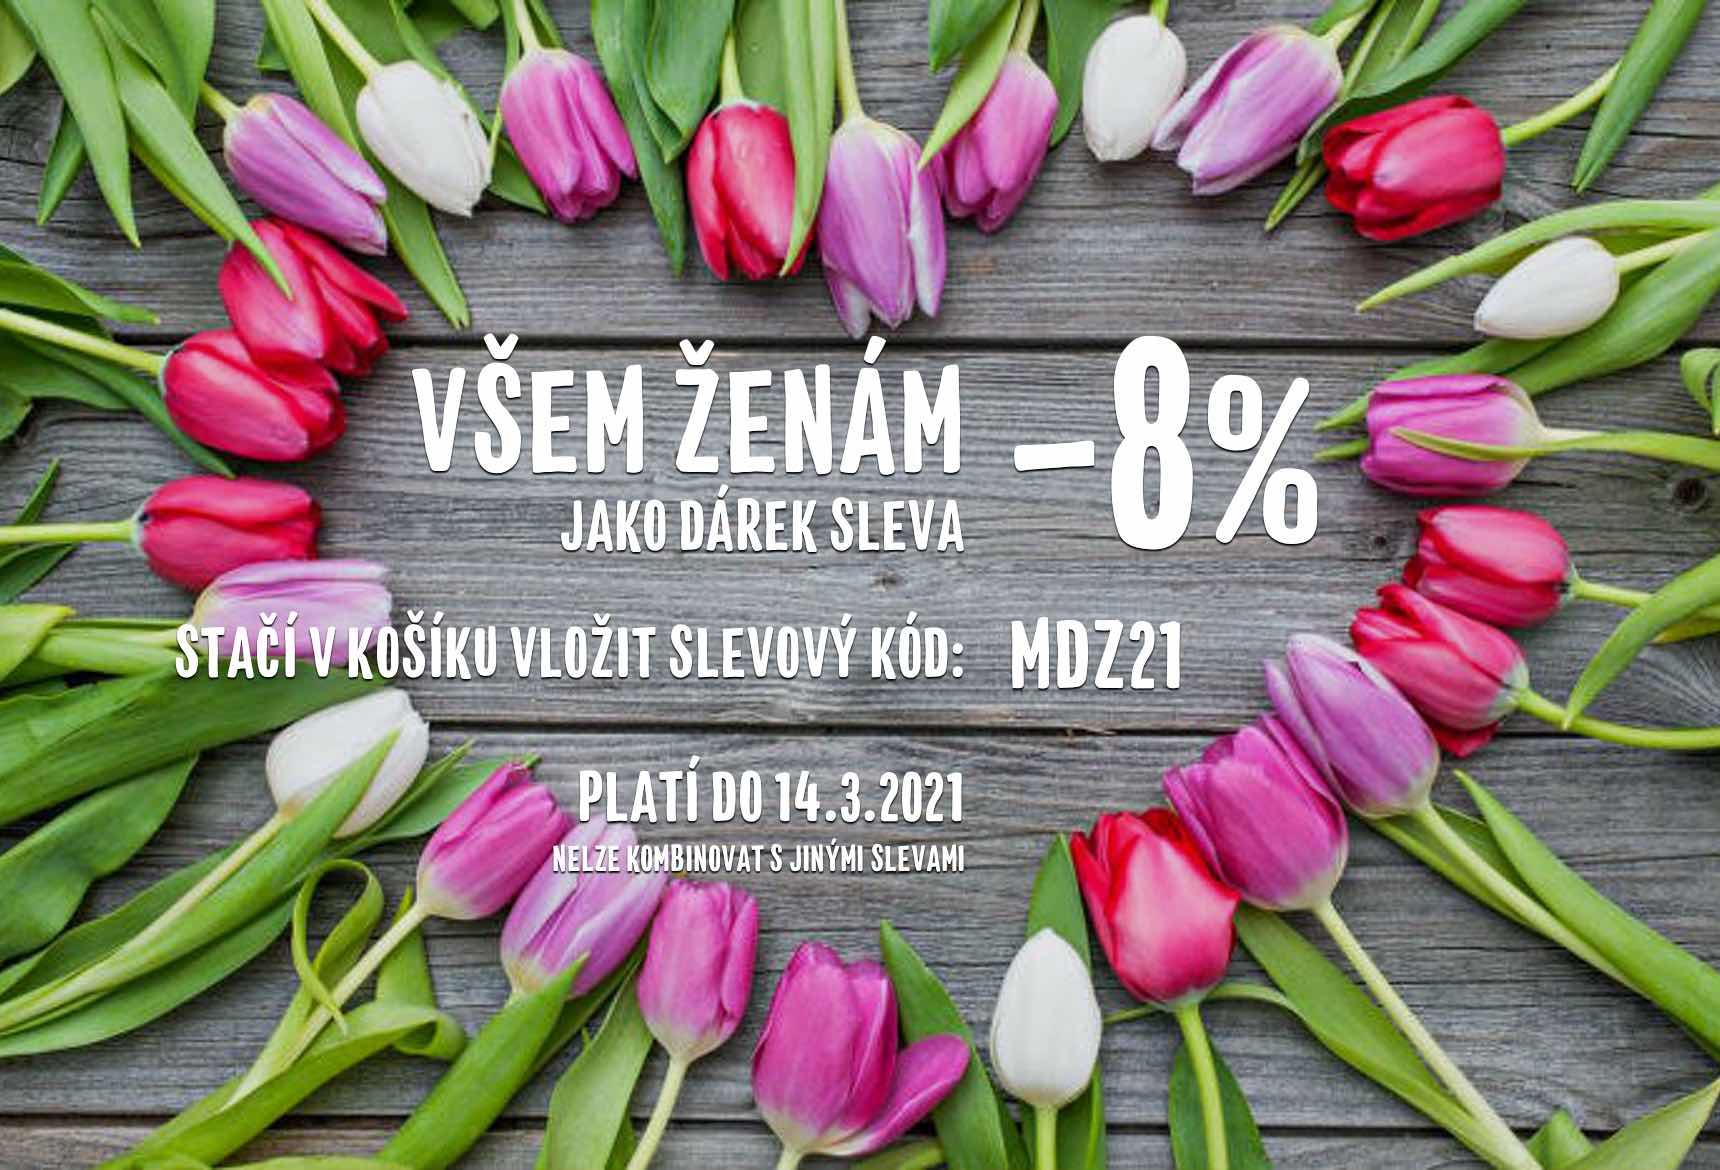 MDŽ -8% sleva pro ženy!